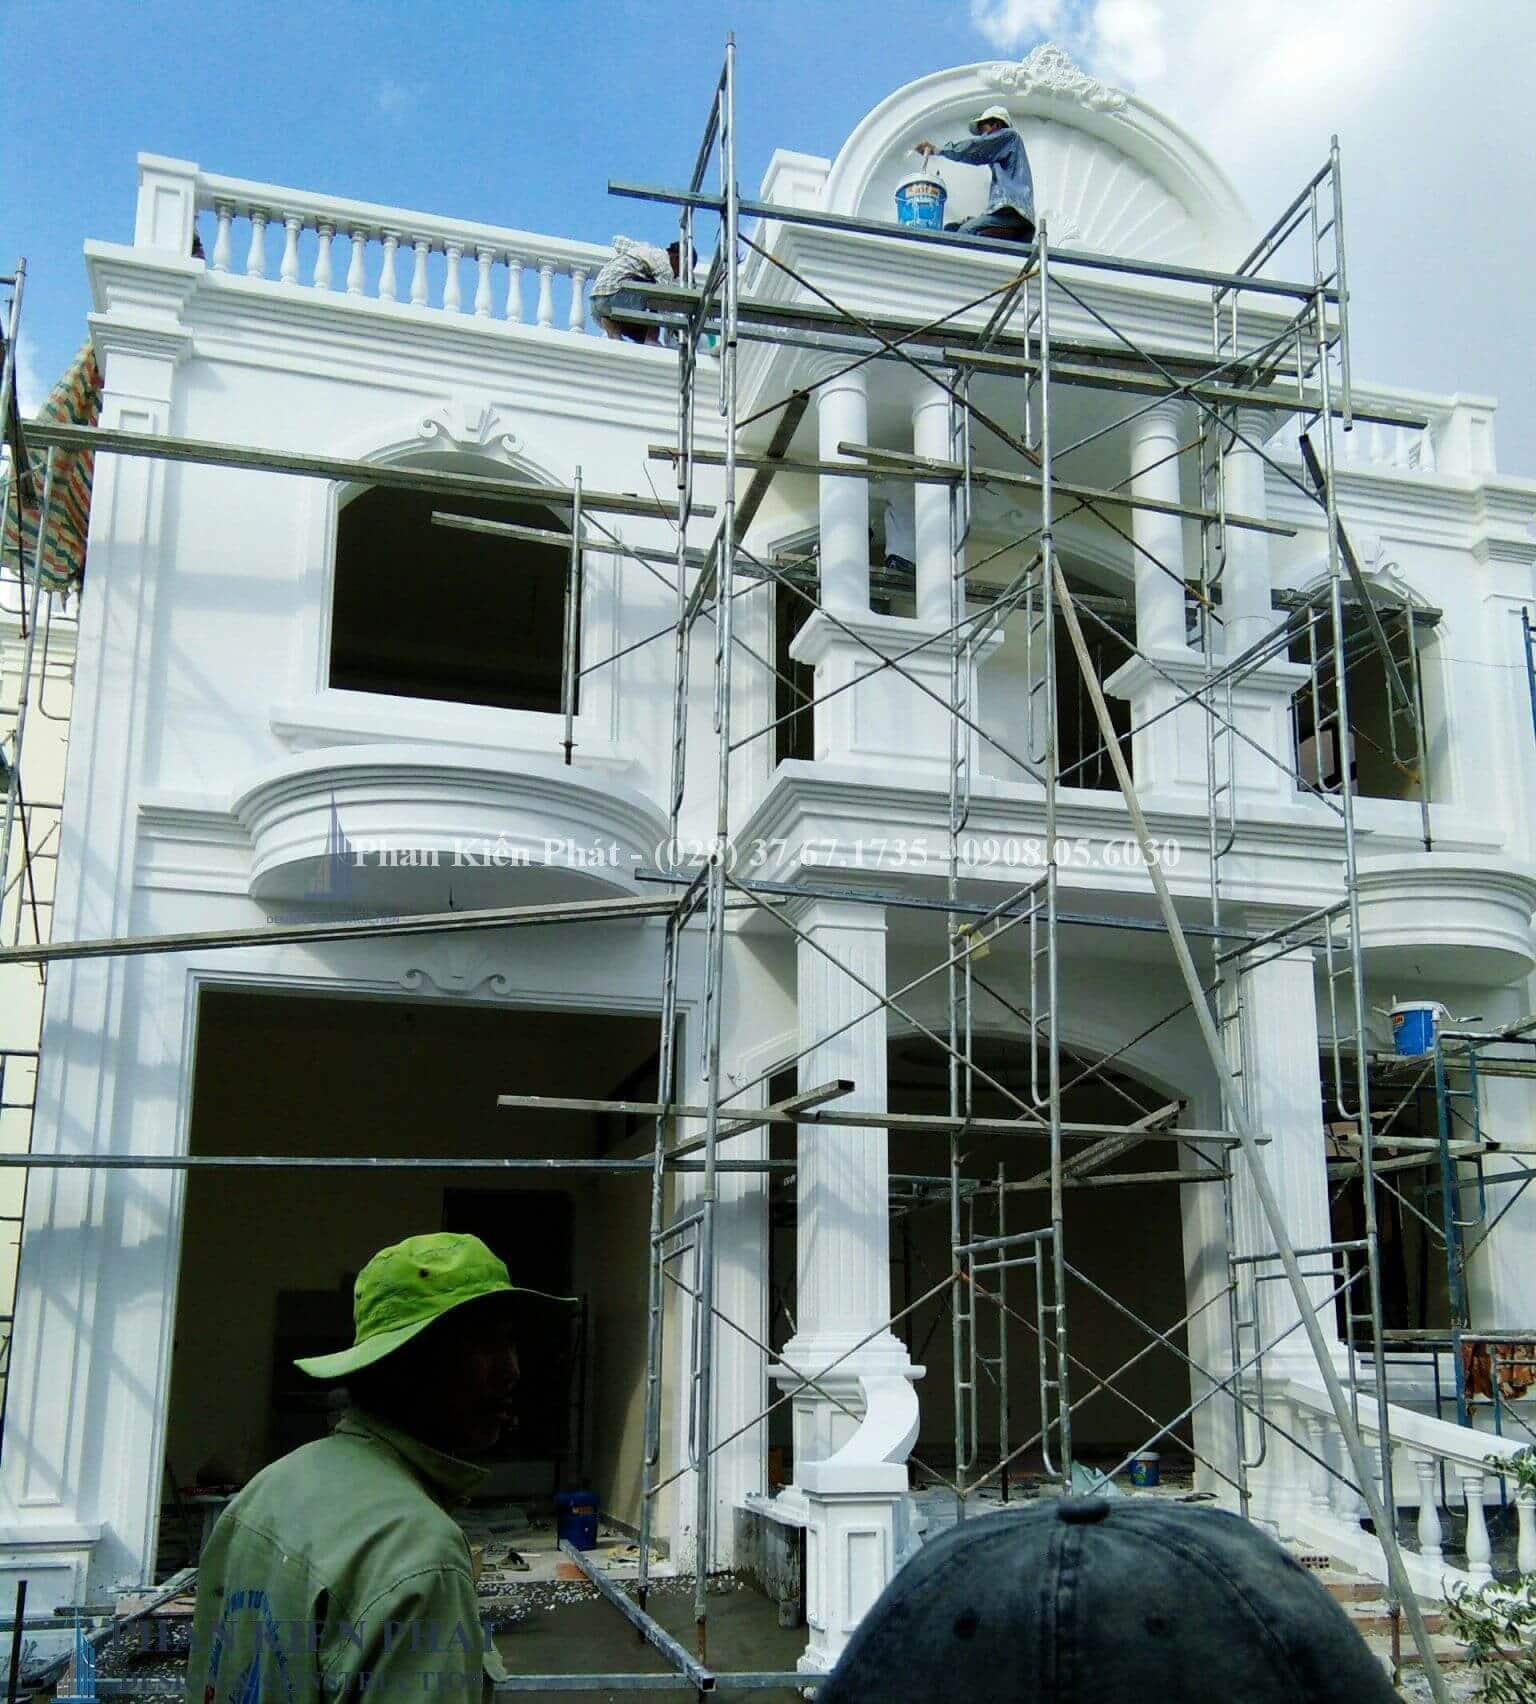 Hoàn thiện công tác ngoại thất view 4- công trình biệt thự cổ điển 2 tầng